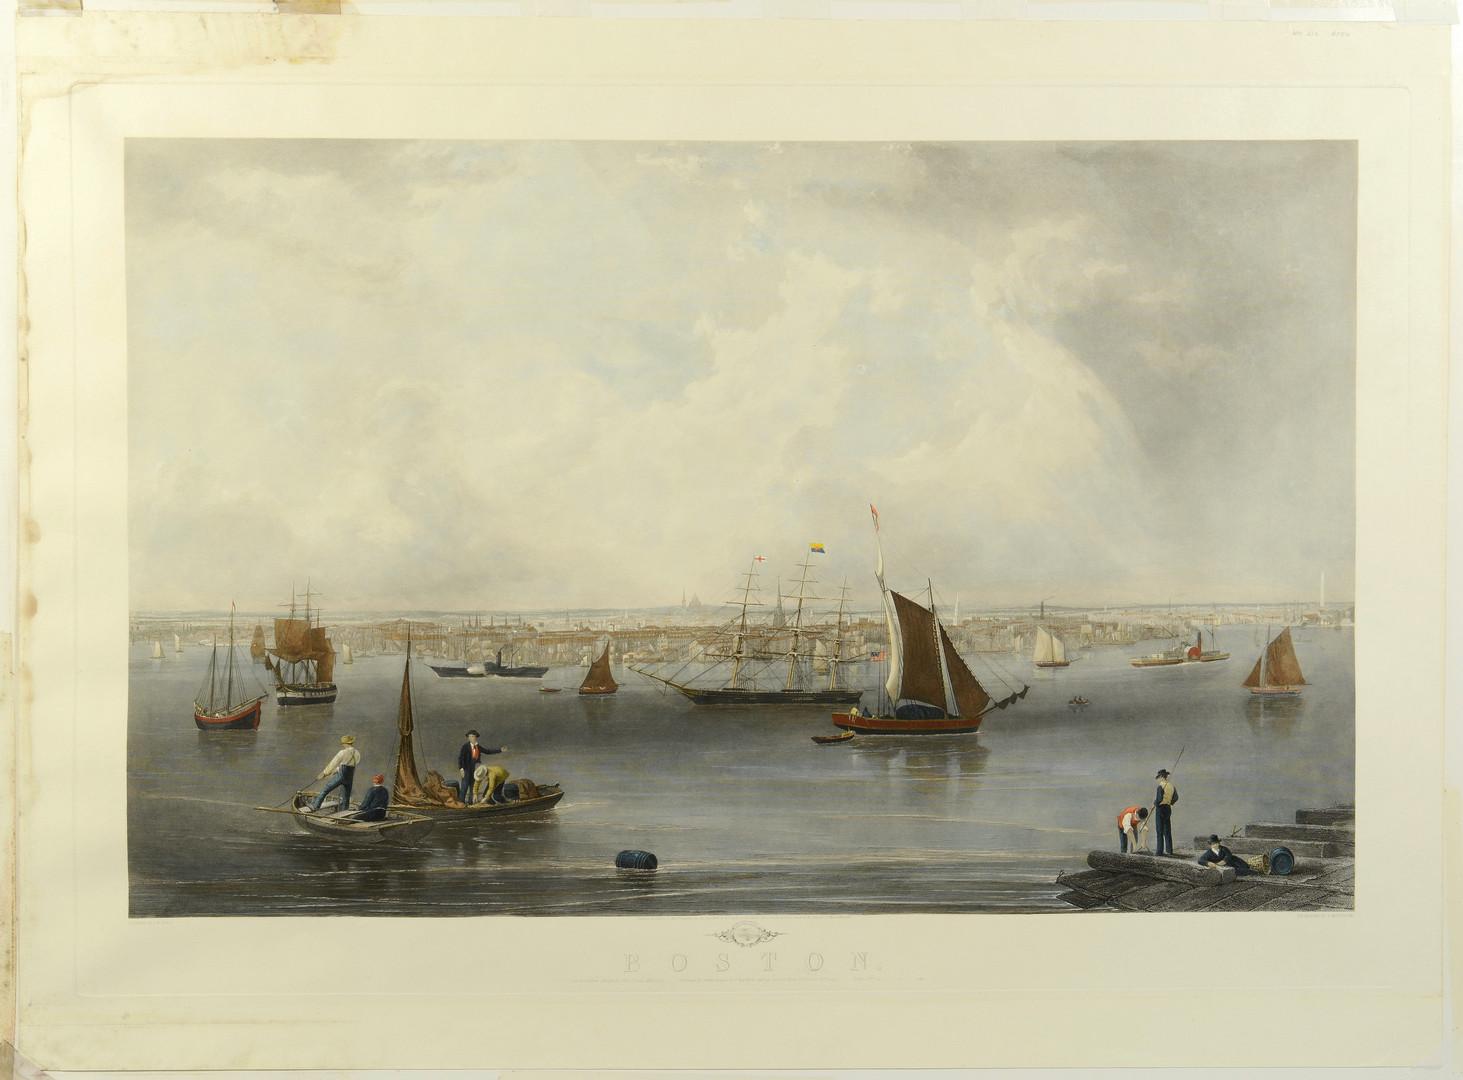 Lot 34: Large folio Boston Engraving